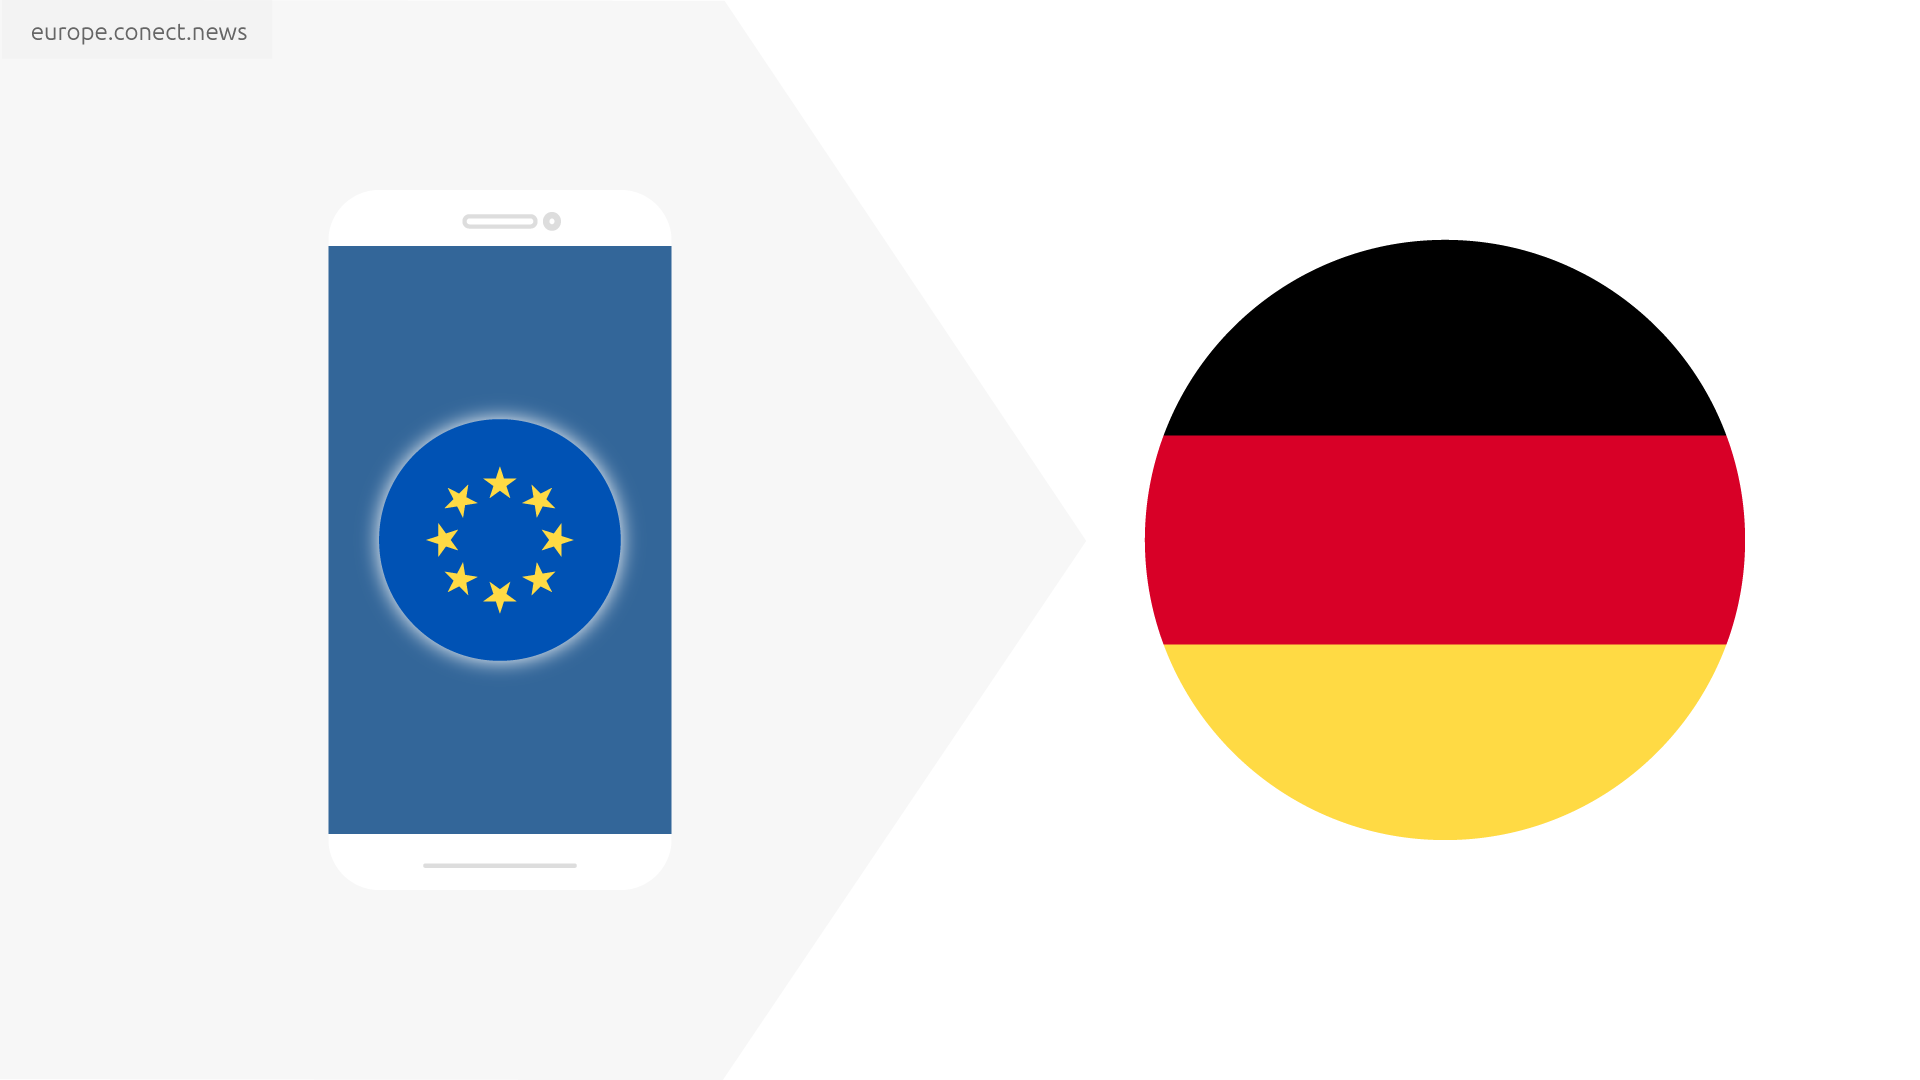 Europa Deutschland @conect_news